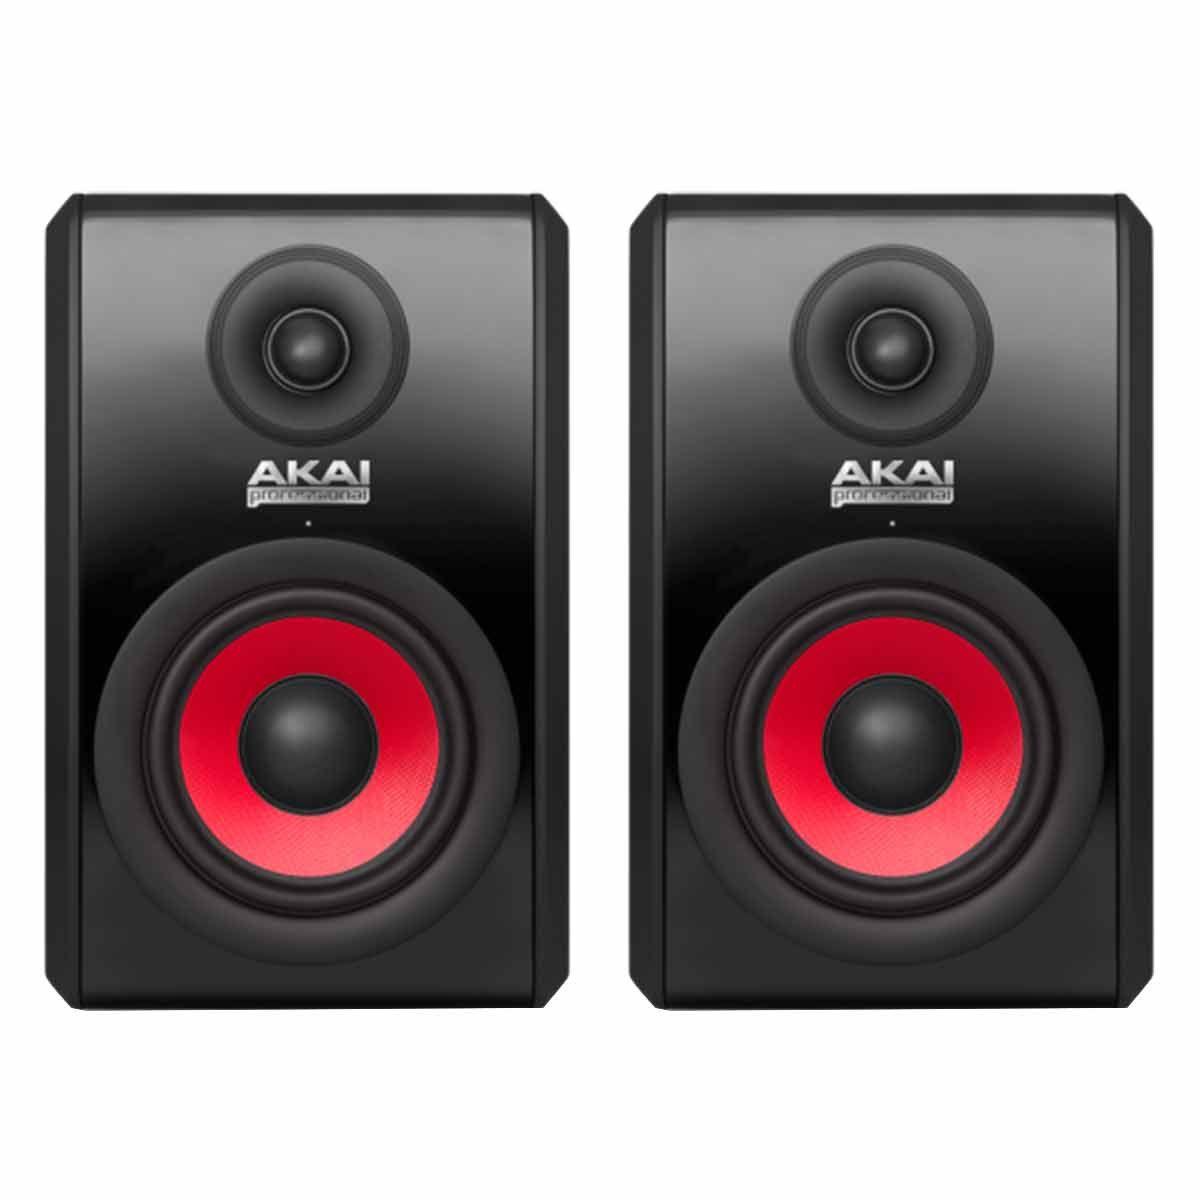 Monitor de Referência Ativo Fal 5 Pol 90W (Par) - RPM 500 RED AKAI